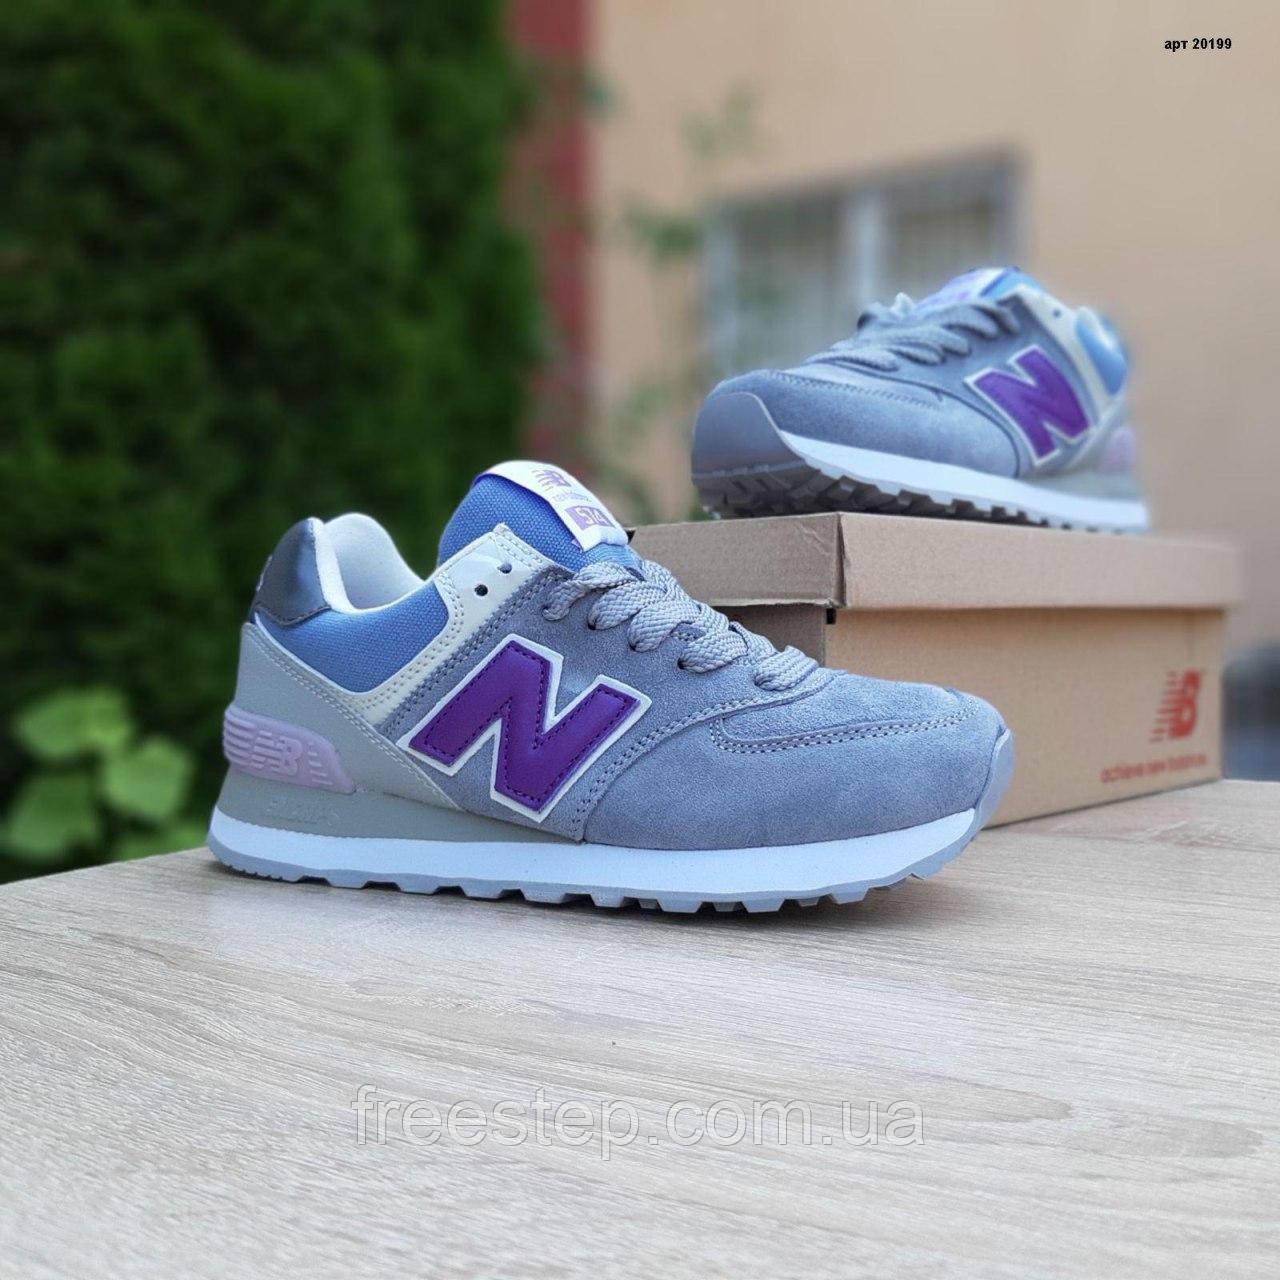 Жіночі кросівки в стилі New Balance 574 сіро-блакитні (бузкова N)